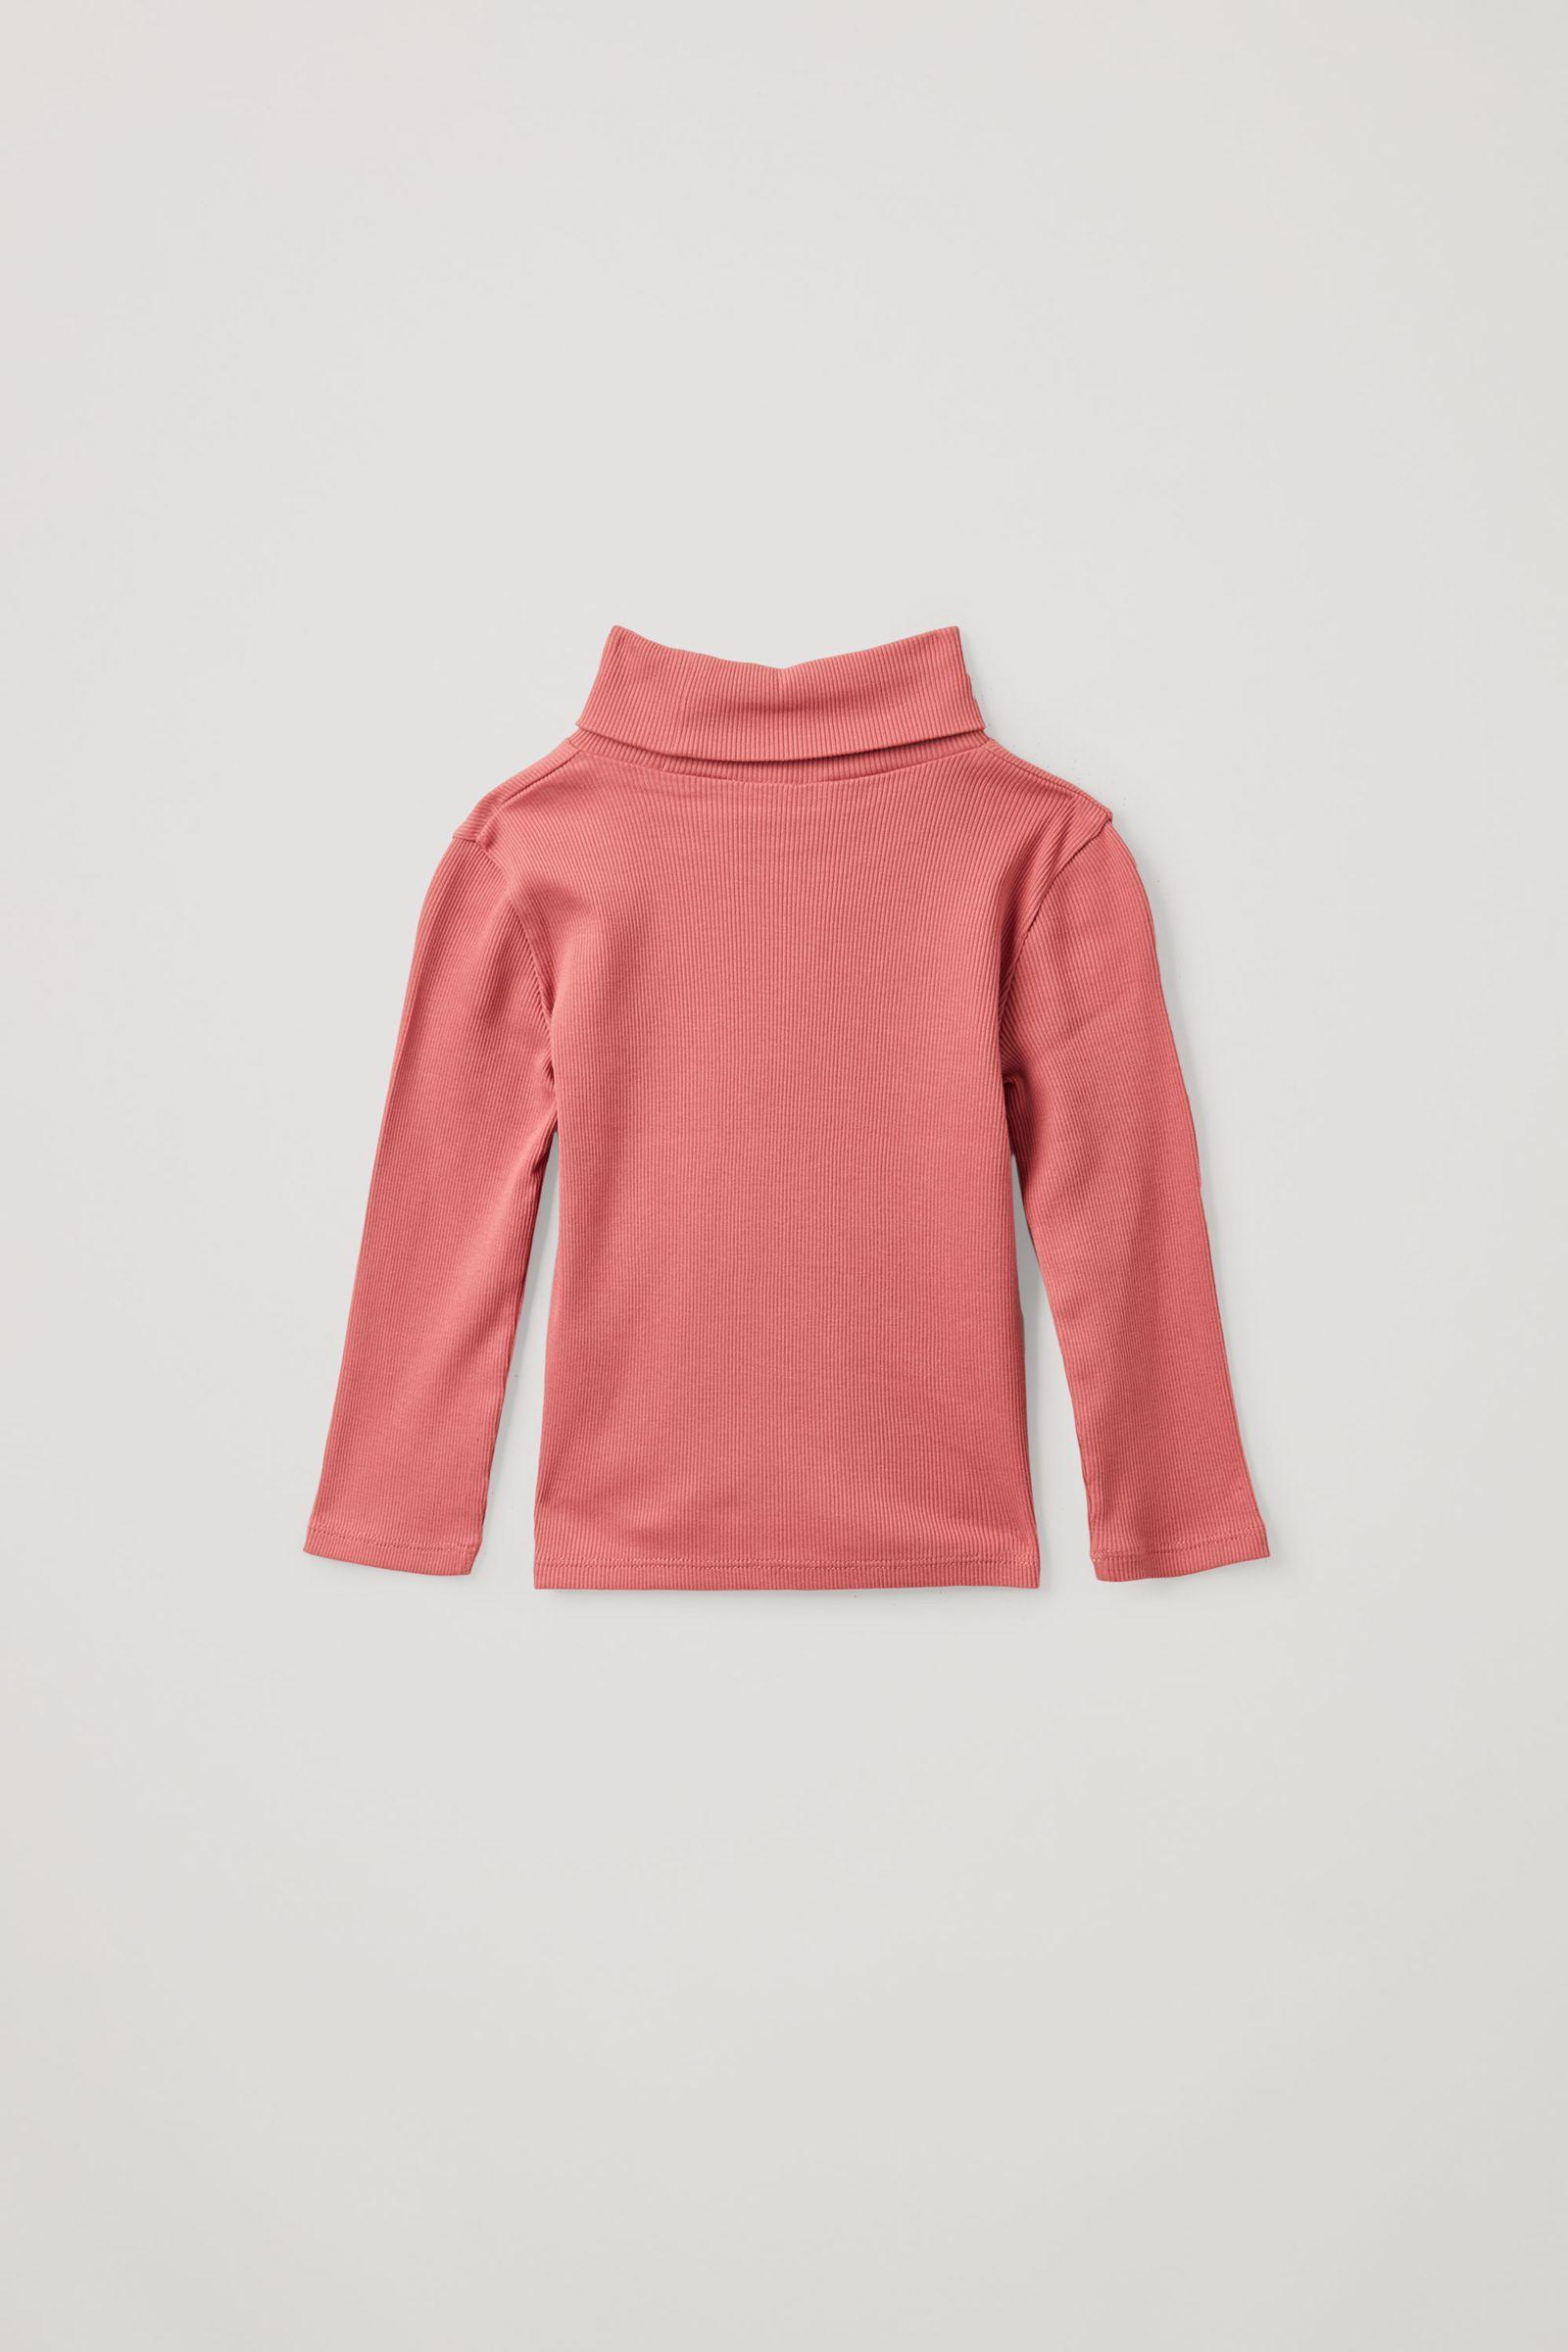 COS 롤넥 오가닉 코튼 탑의 핑크컬러 Product입니다.